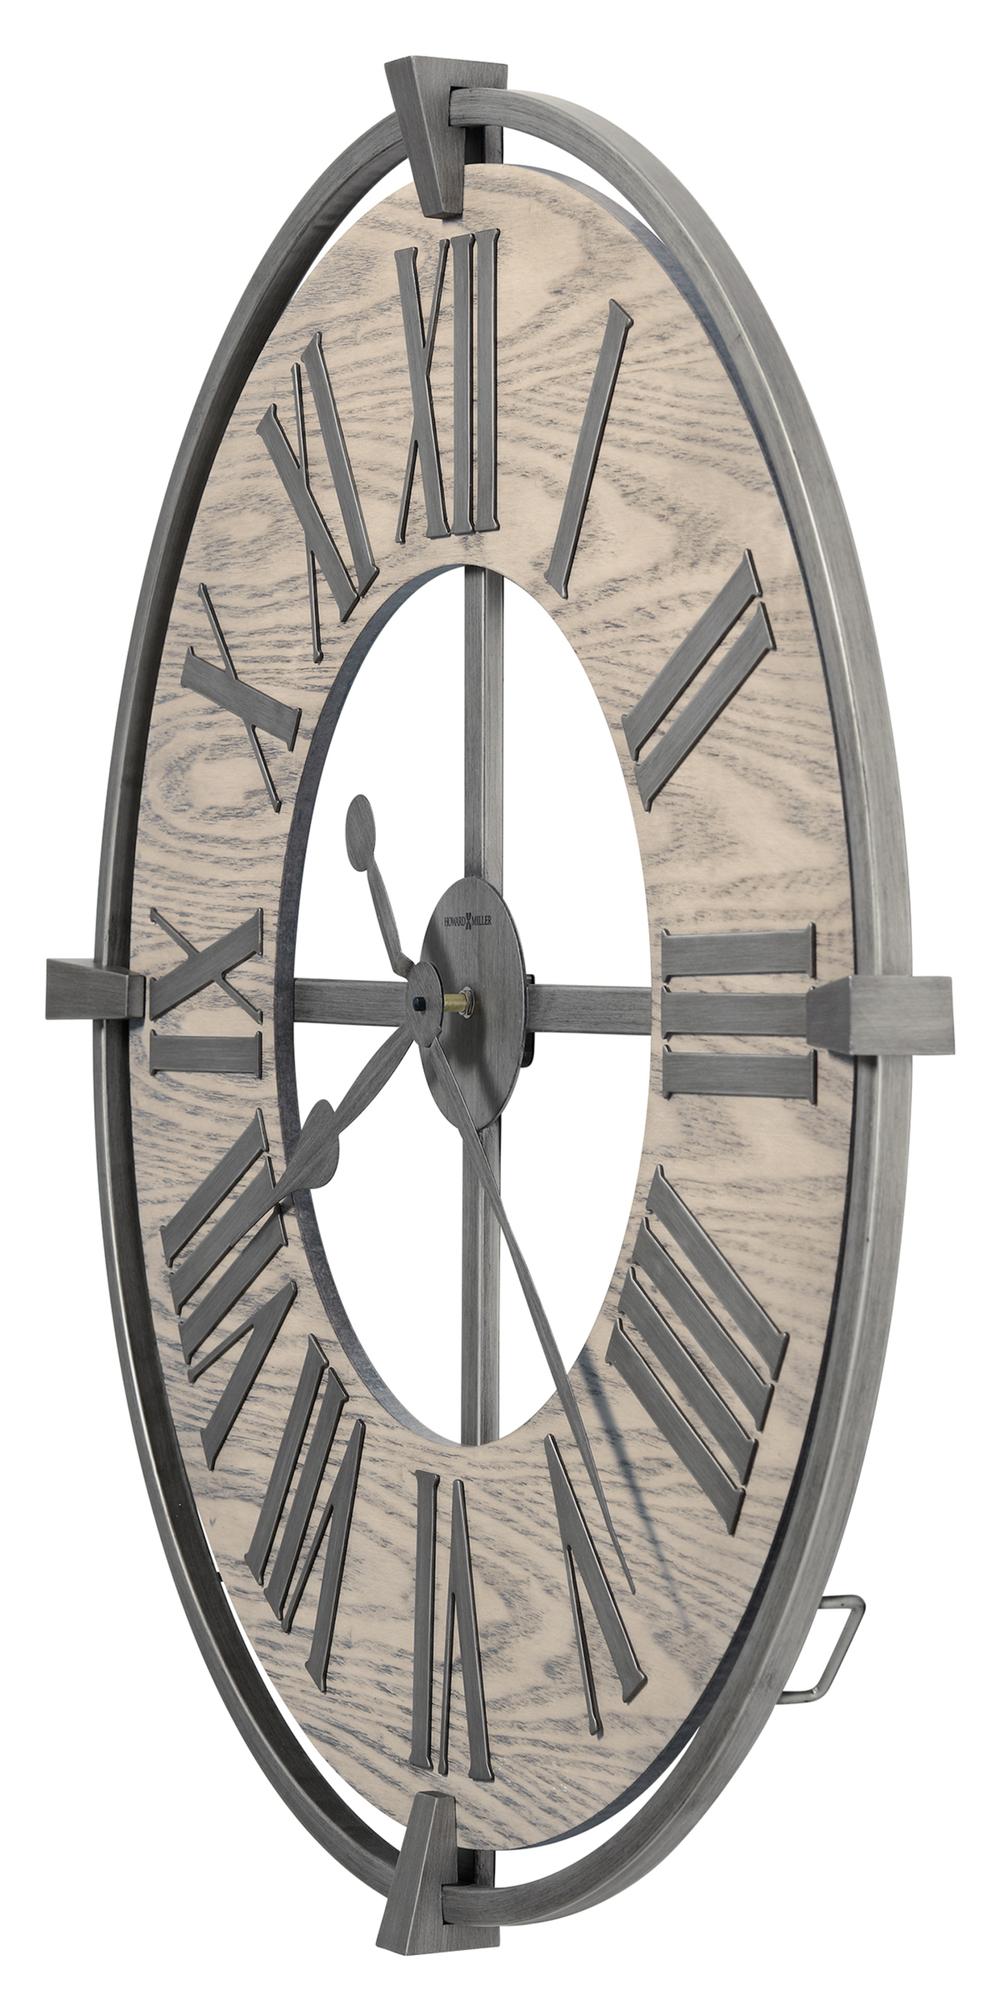 Howard Miller Clock - Eli Wall Clock